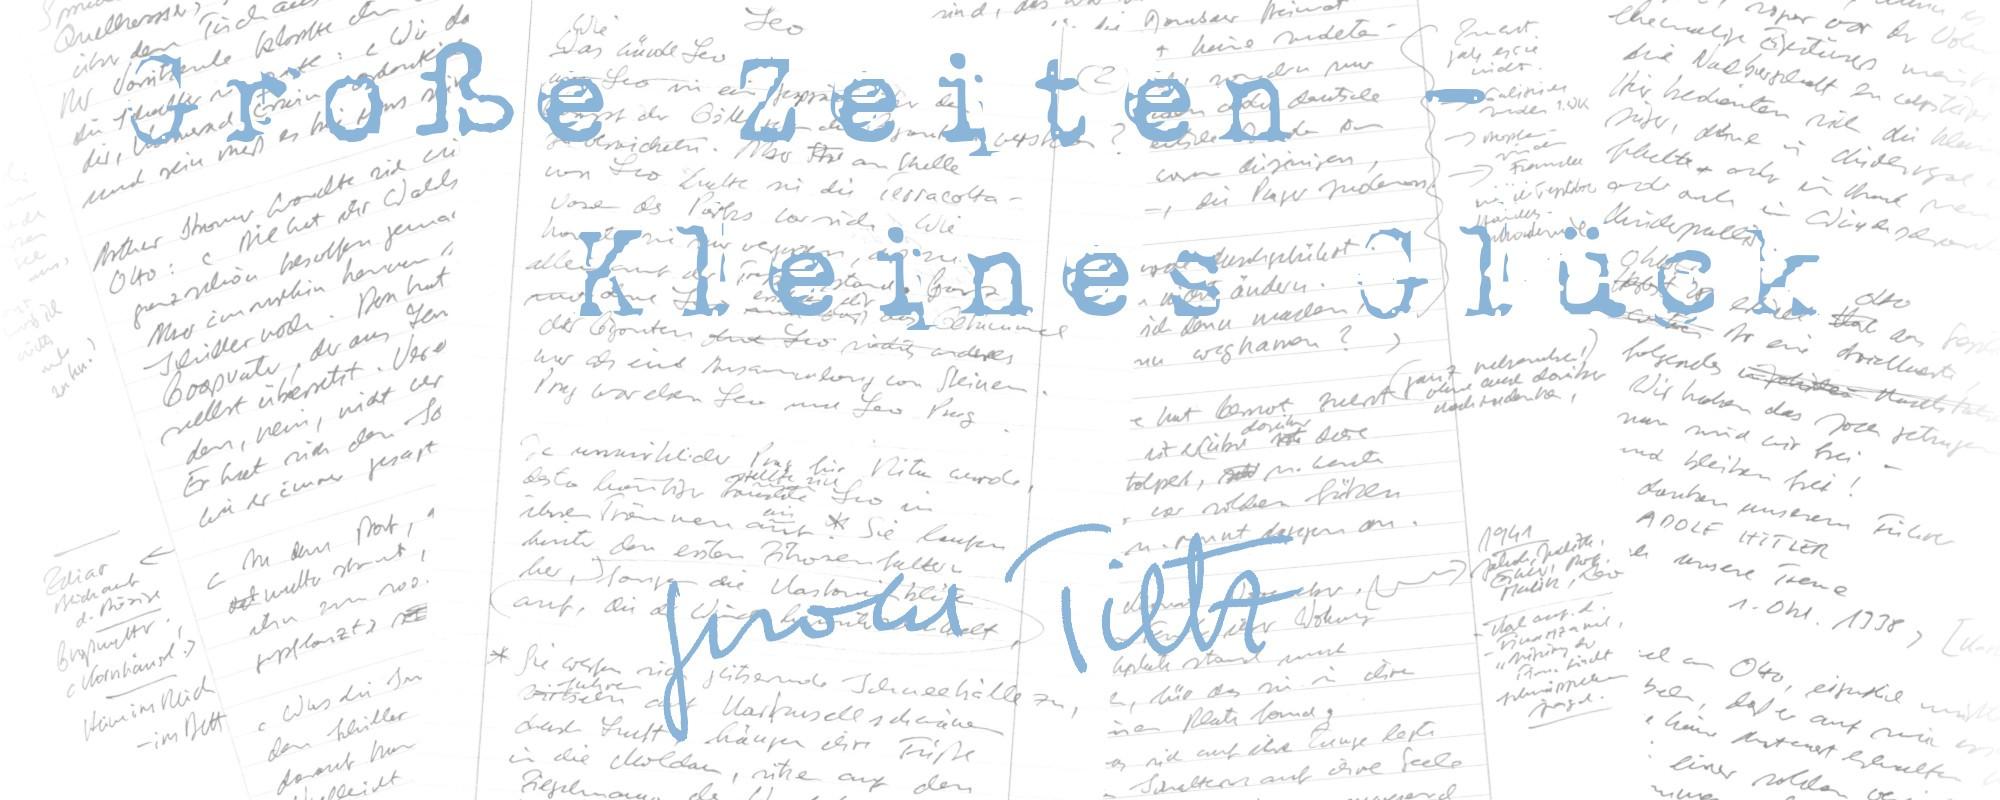 Gerold-Tietz-Grosse-Zeiten-kleines-Glueck-Schriftbild